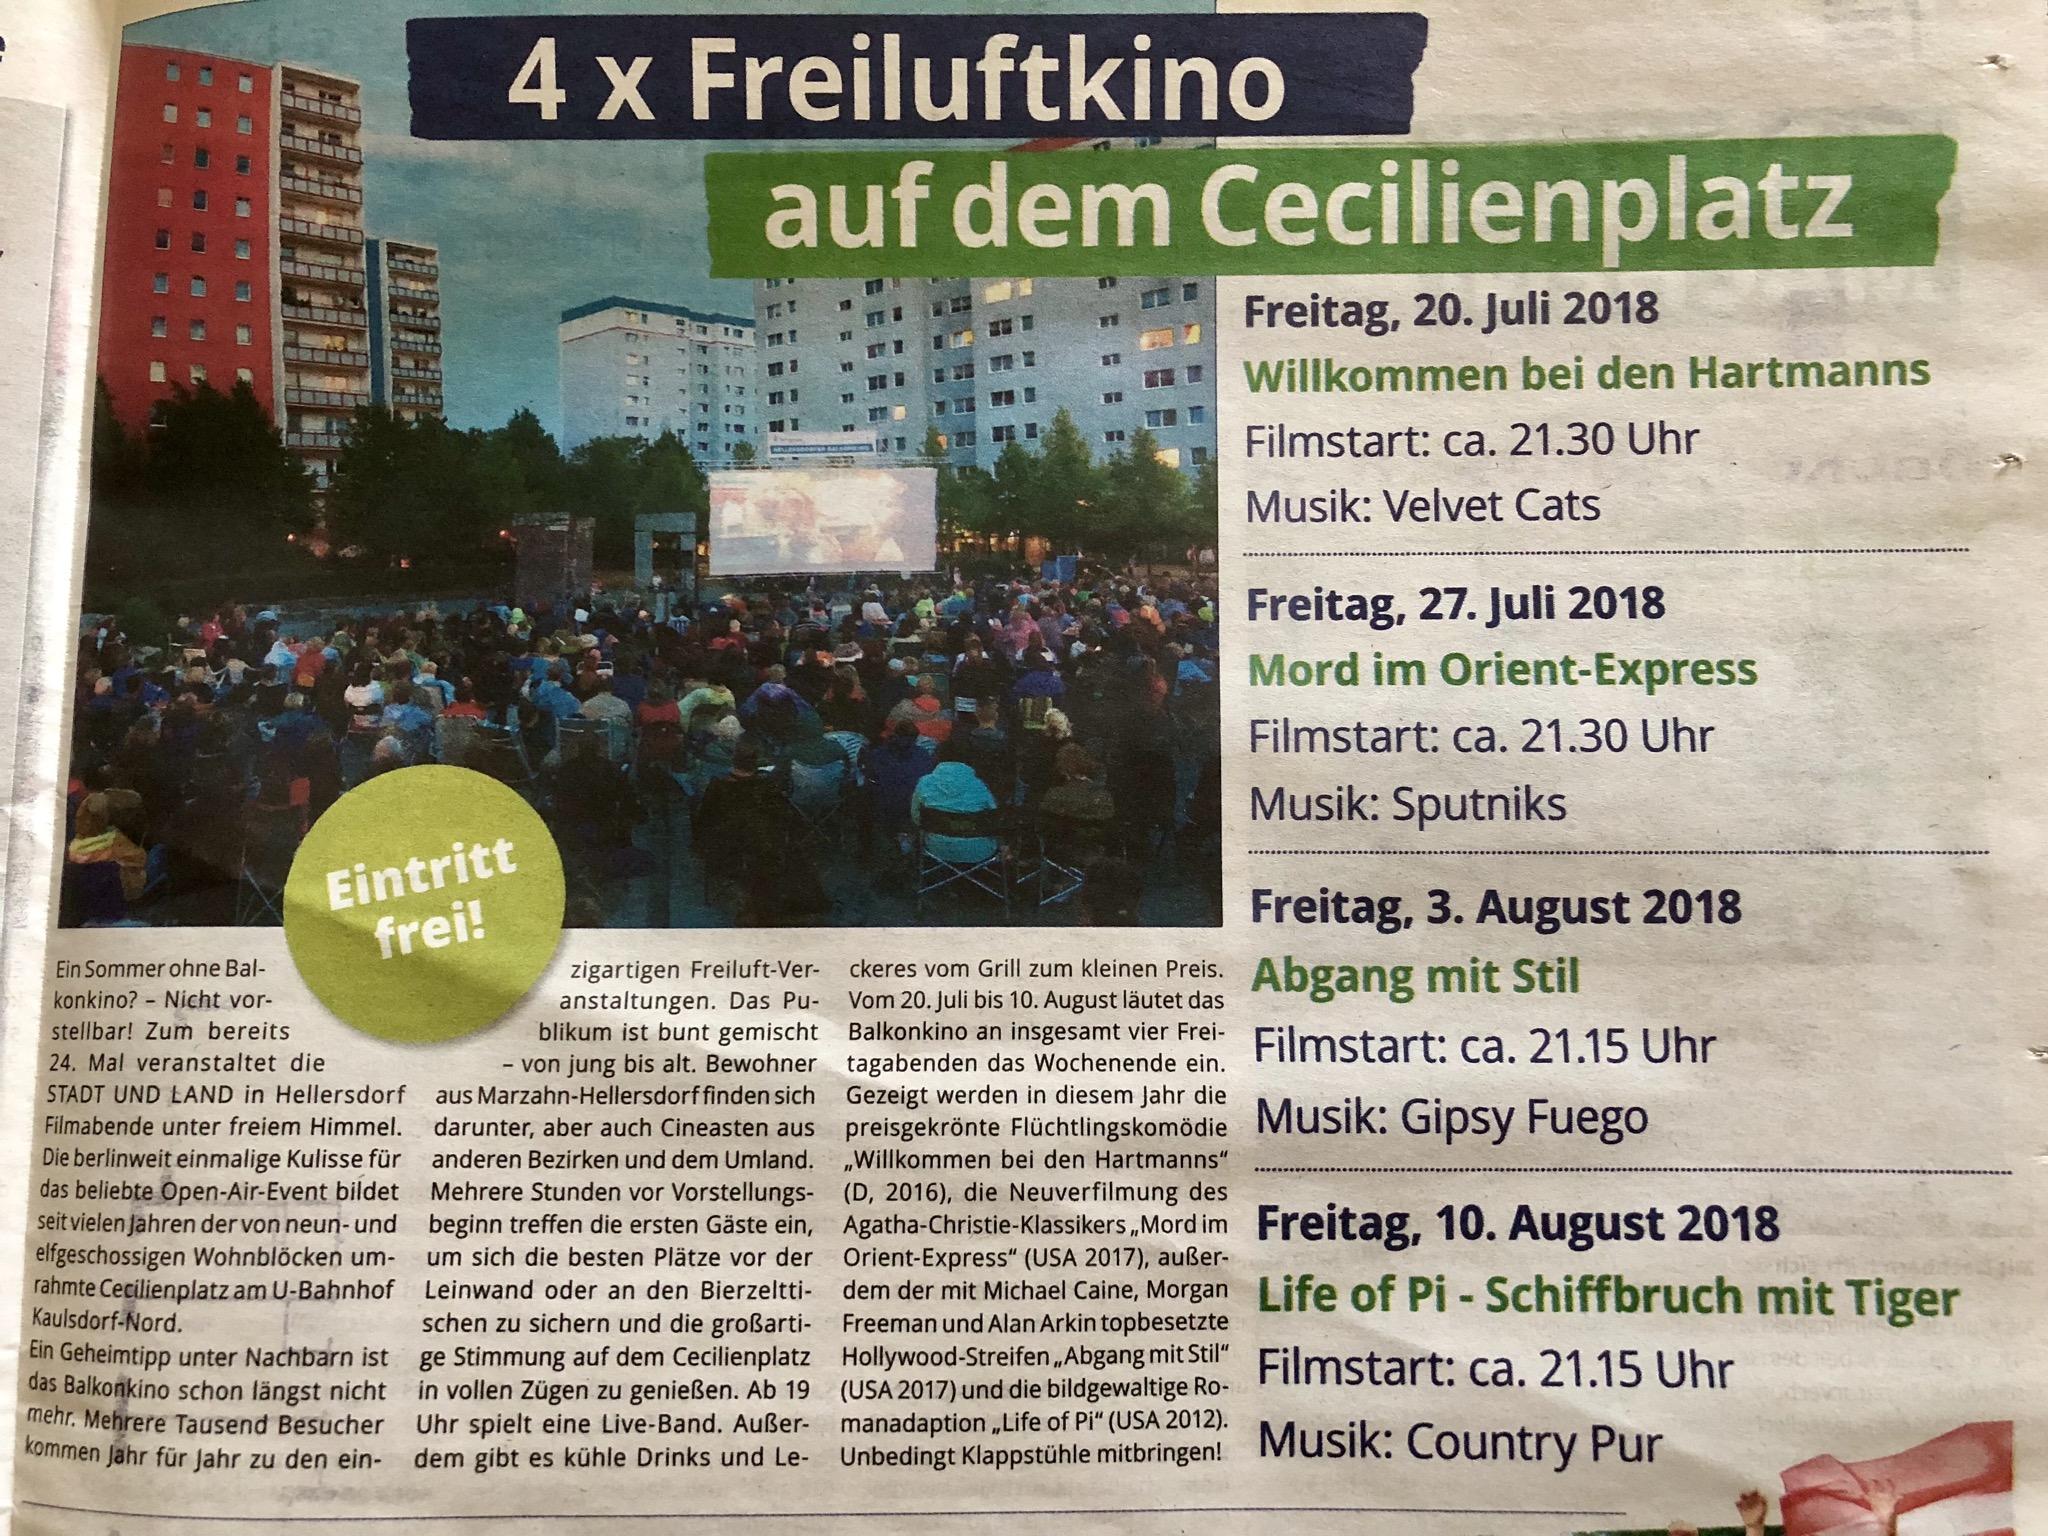 24. Hellersdorfer Balkonkino vom 20.07. - 10.08.2018 Freiluftkino Berlin